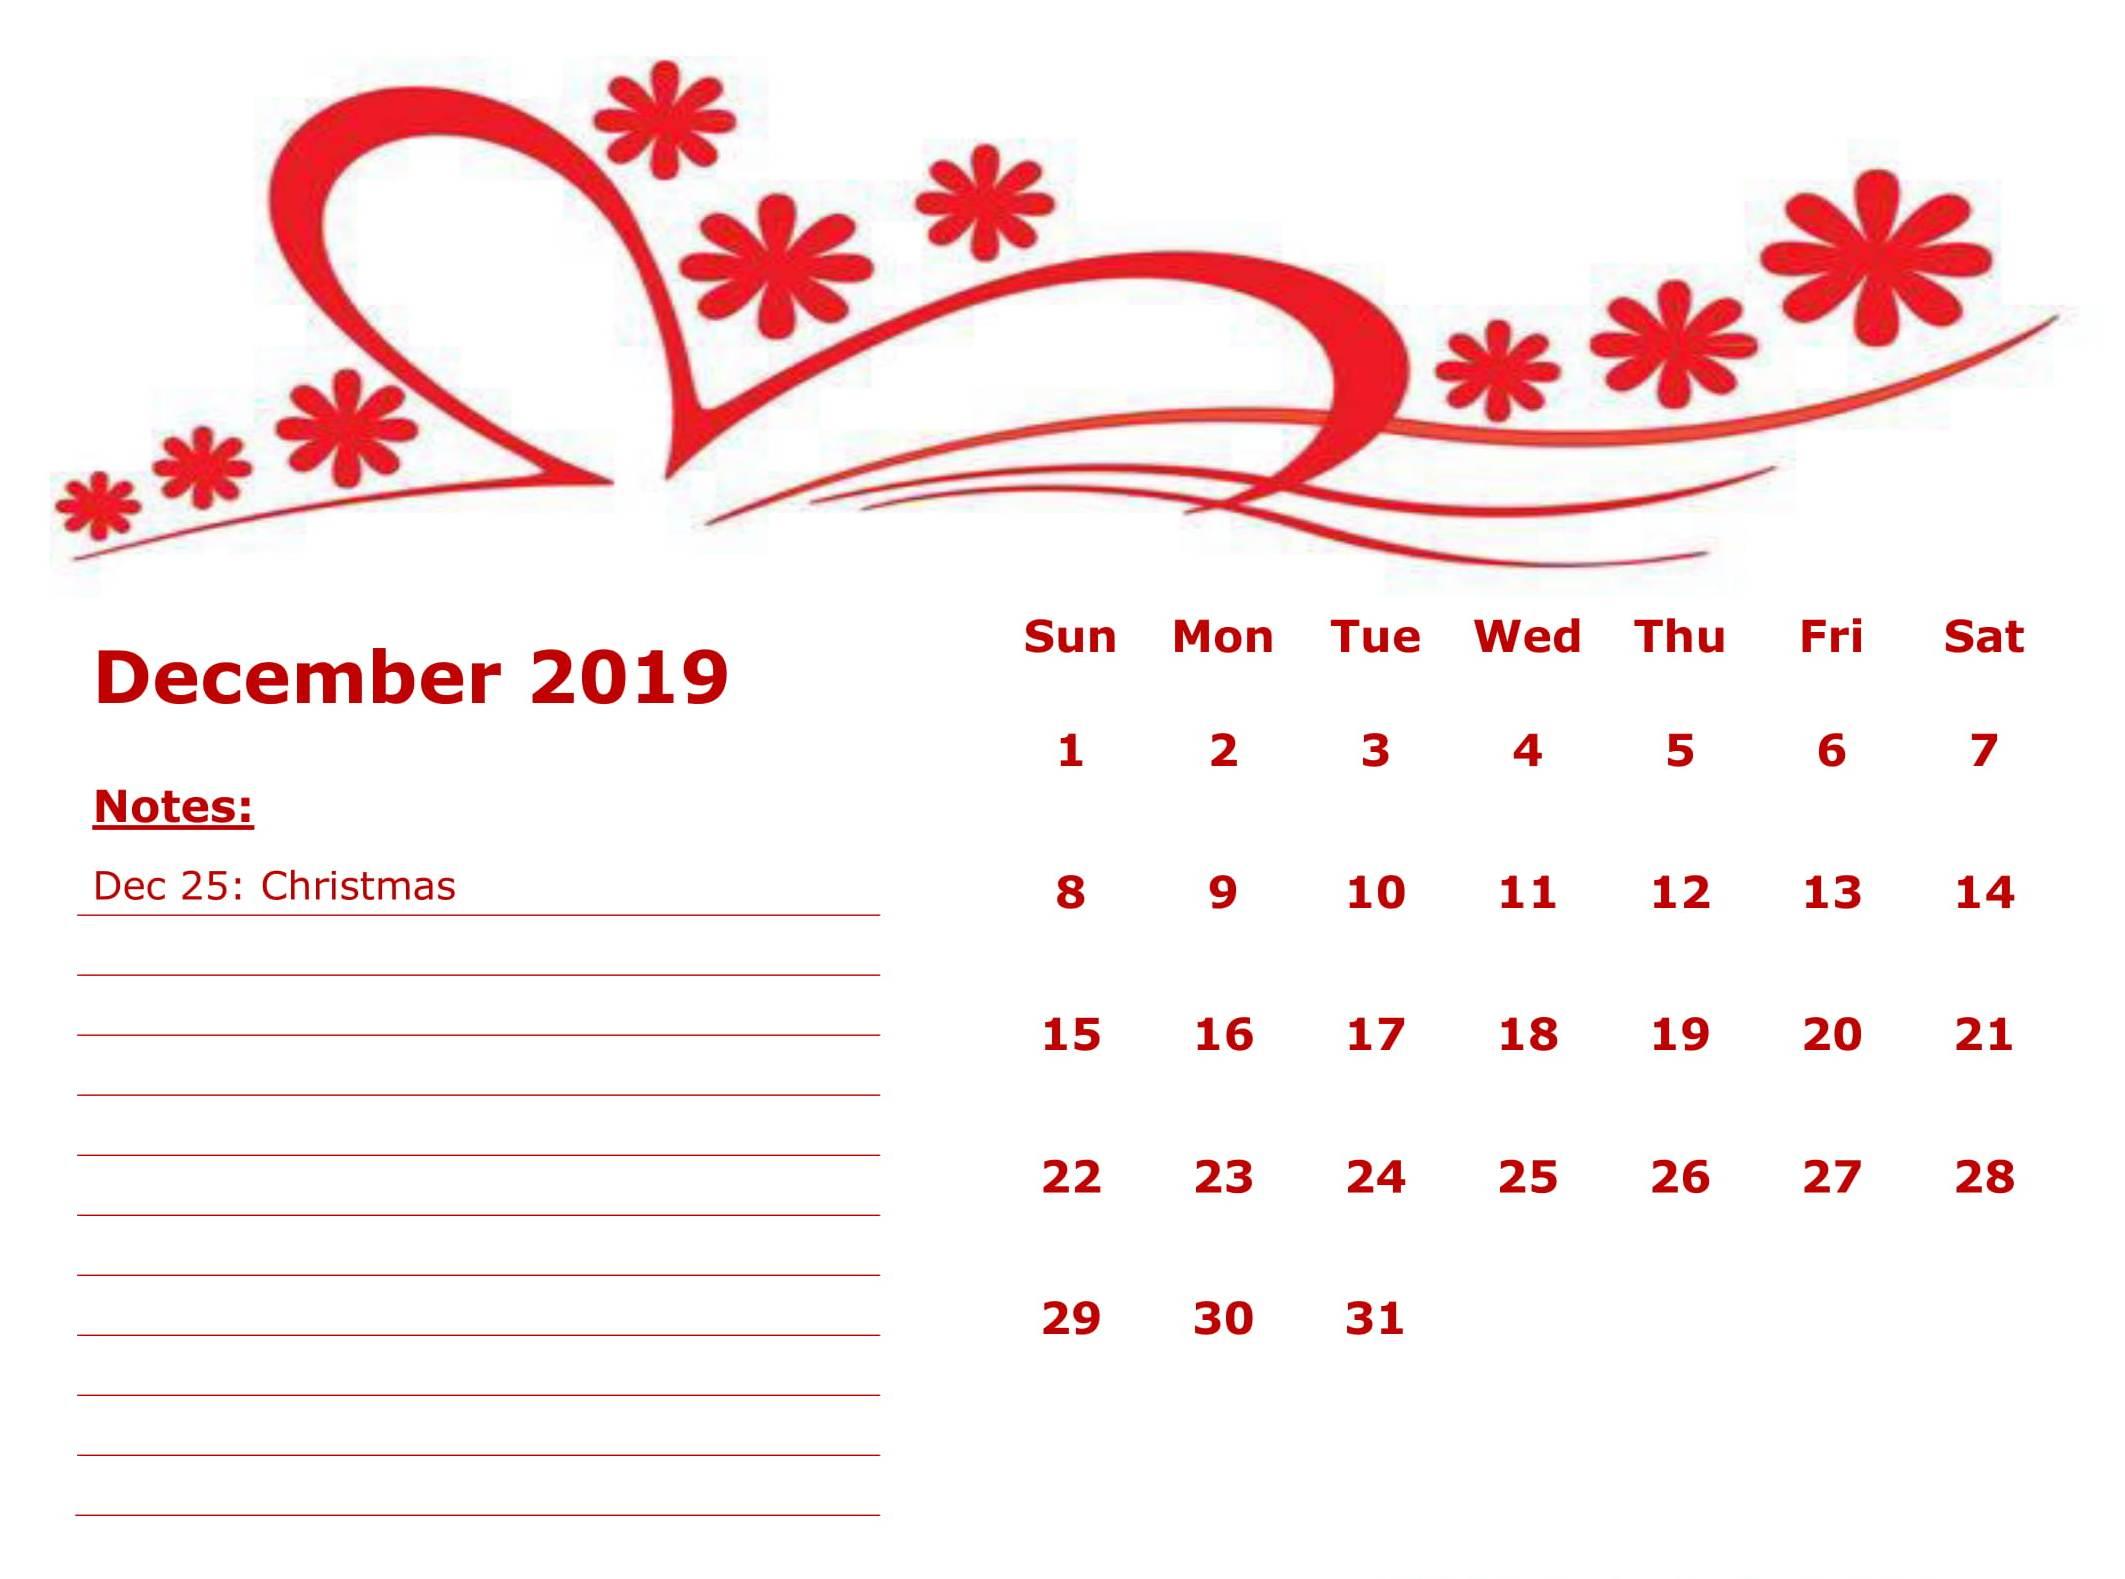 Floral December 2019 Calendar Template